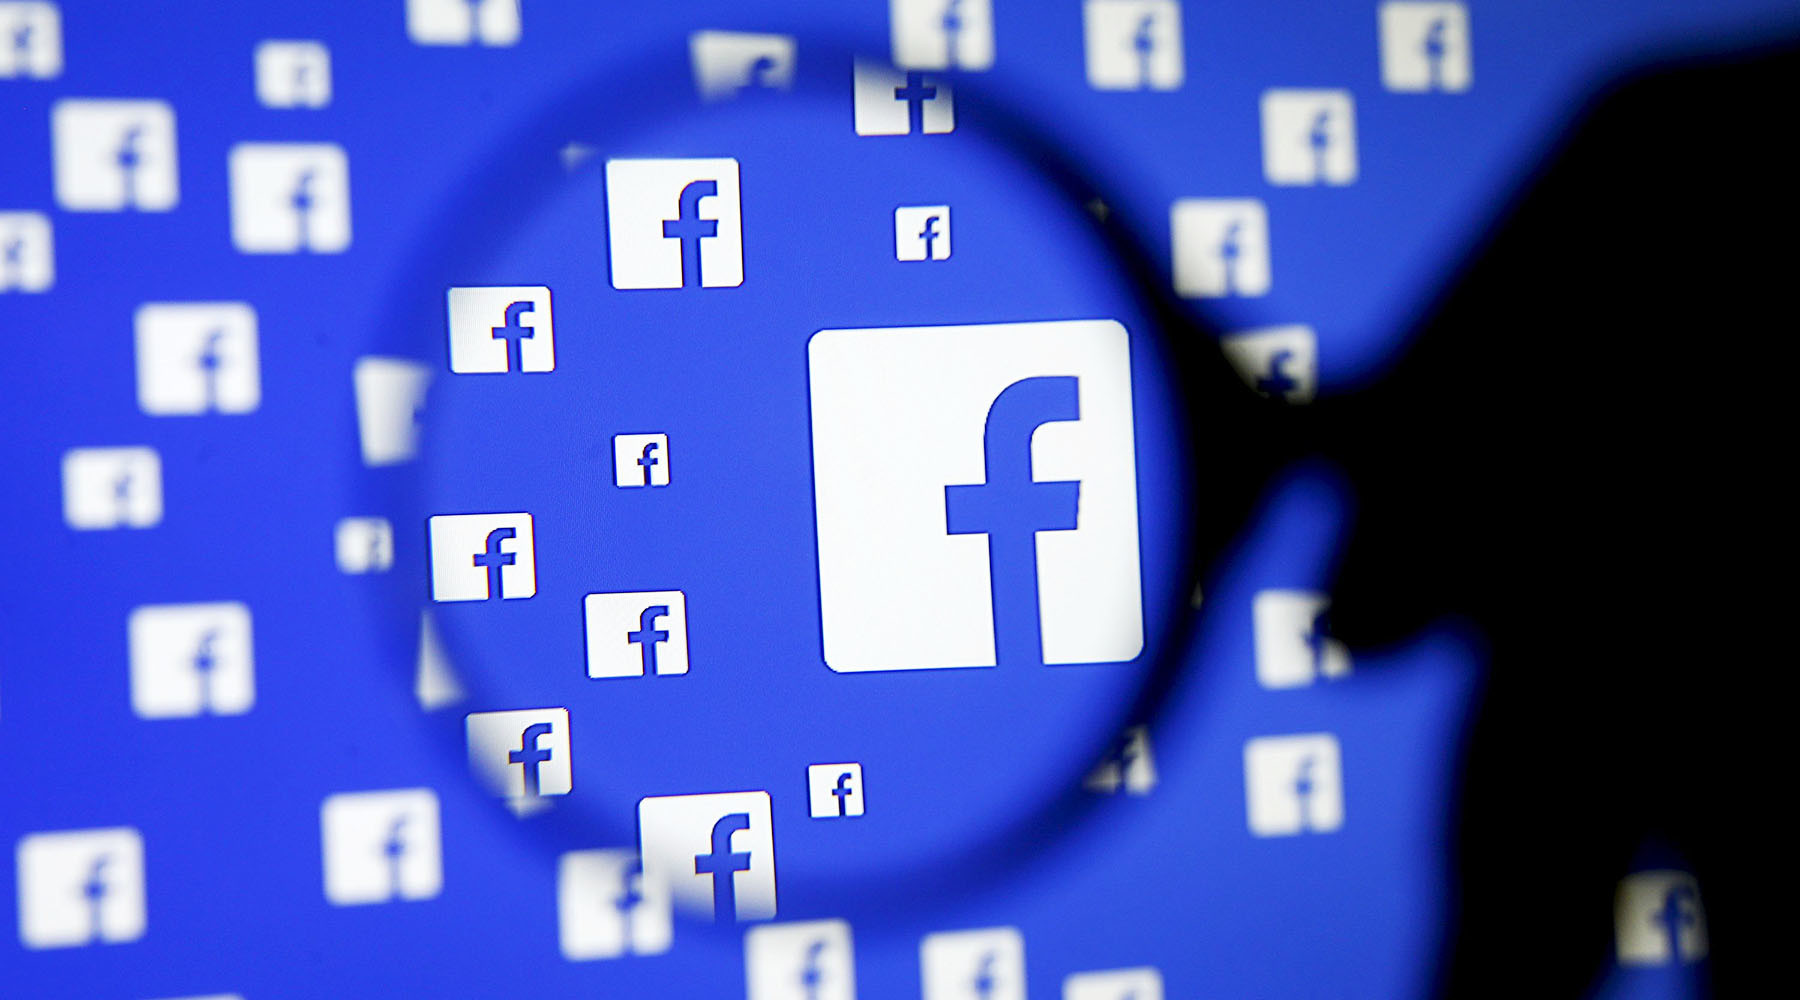 Власти Чечни отреагировали на проблемы с аккаунтами Кадырова в Instagram и Facebook